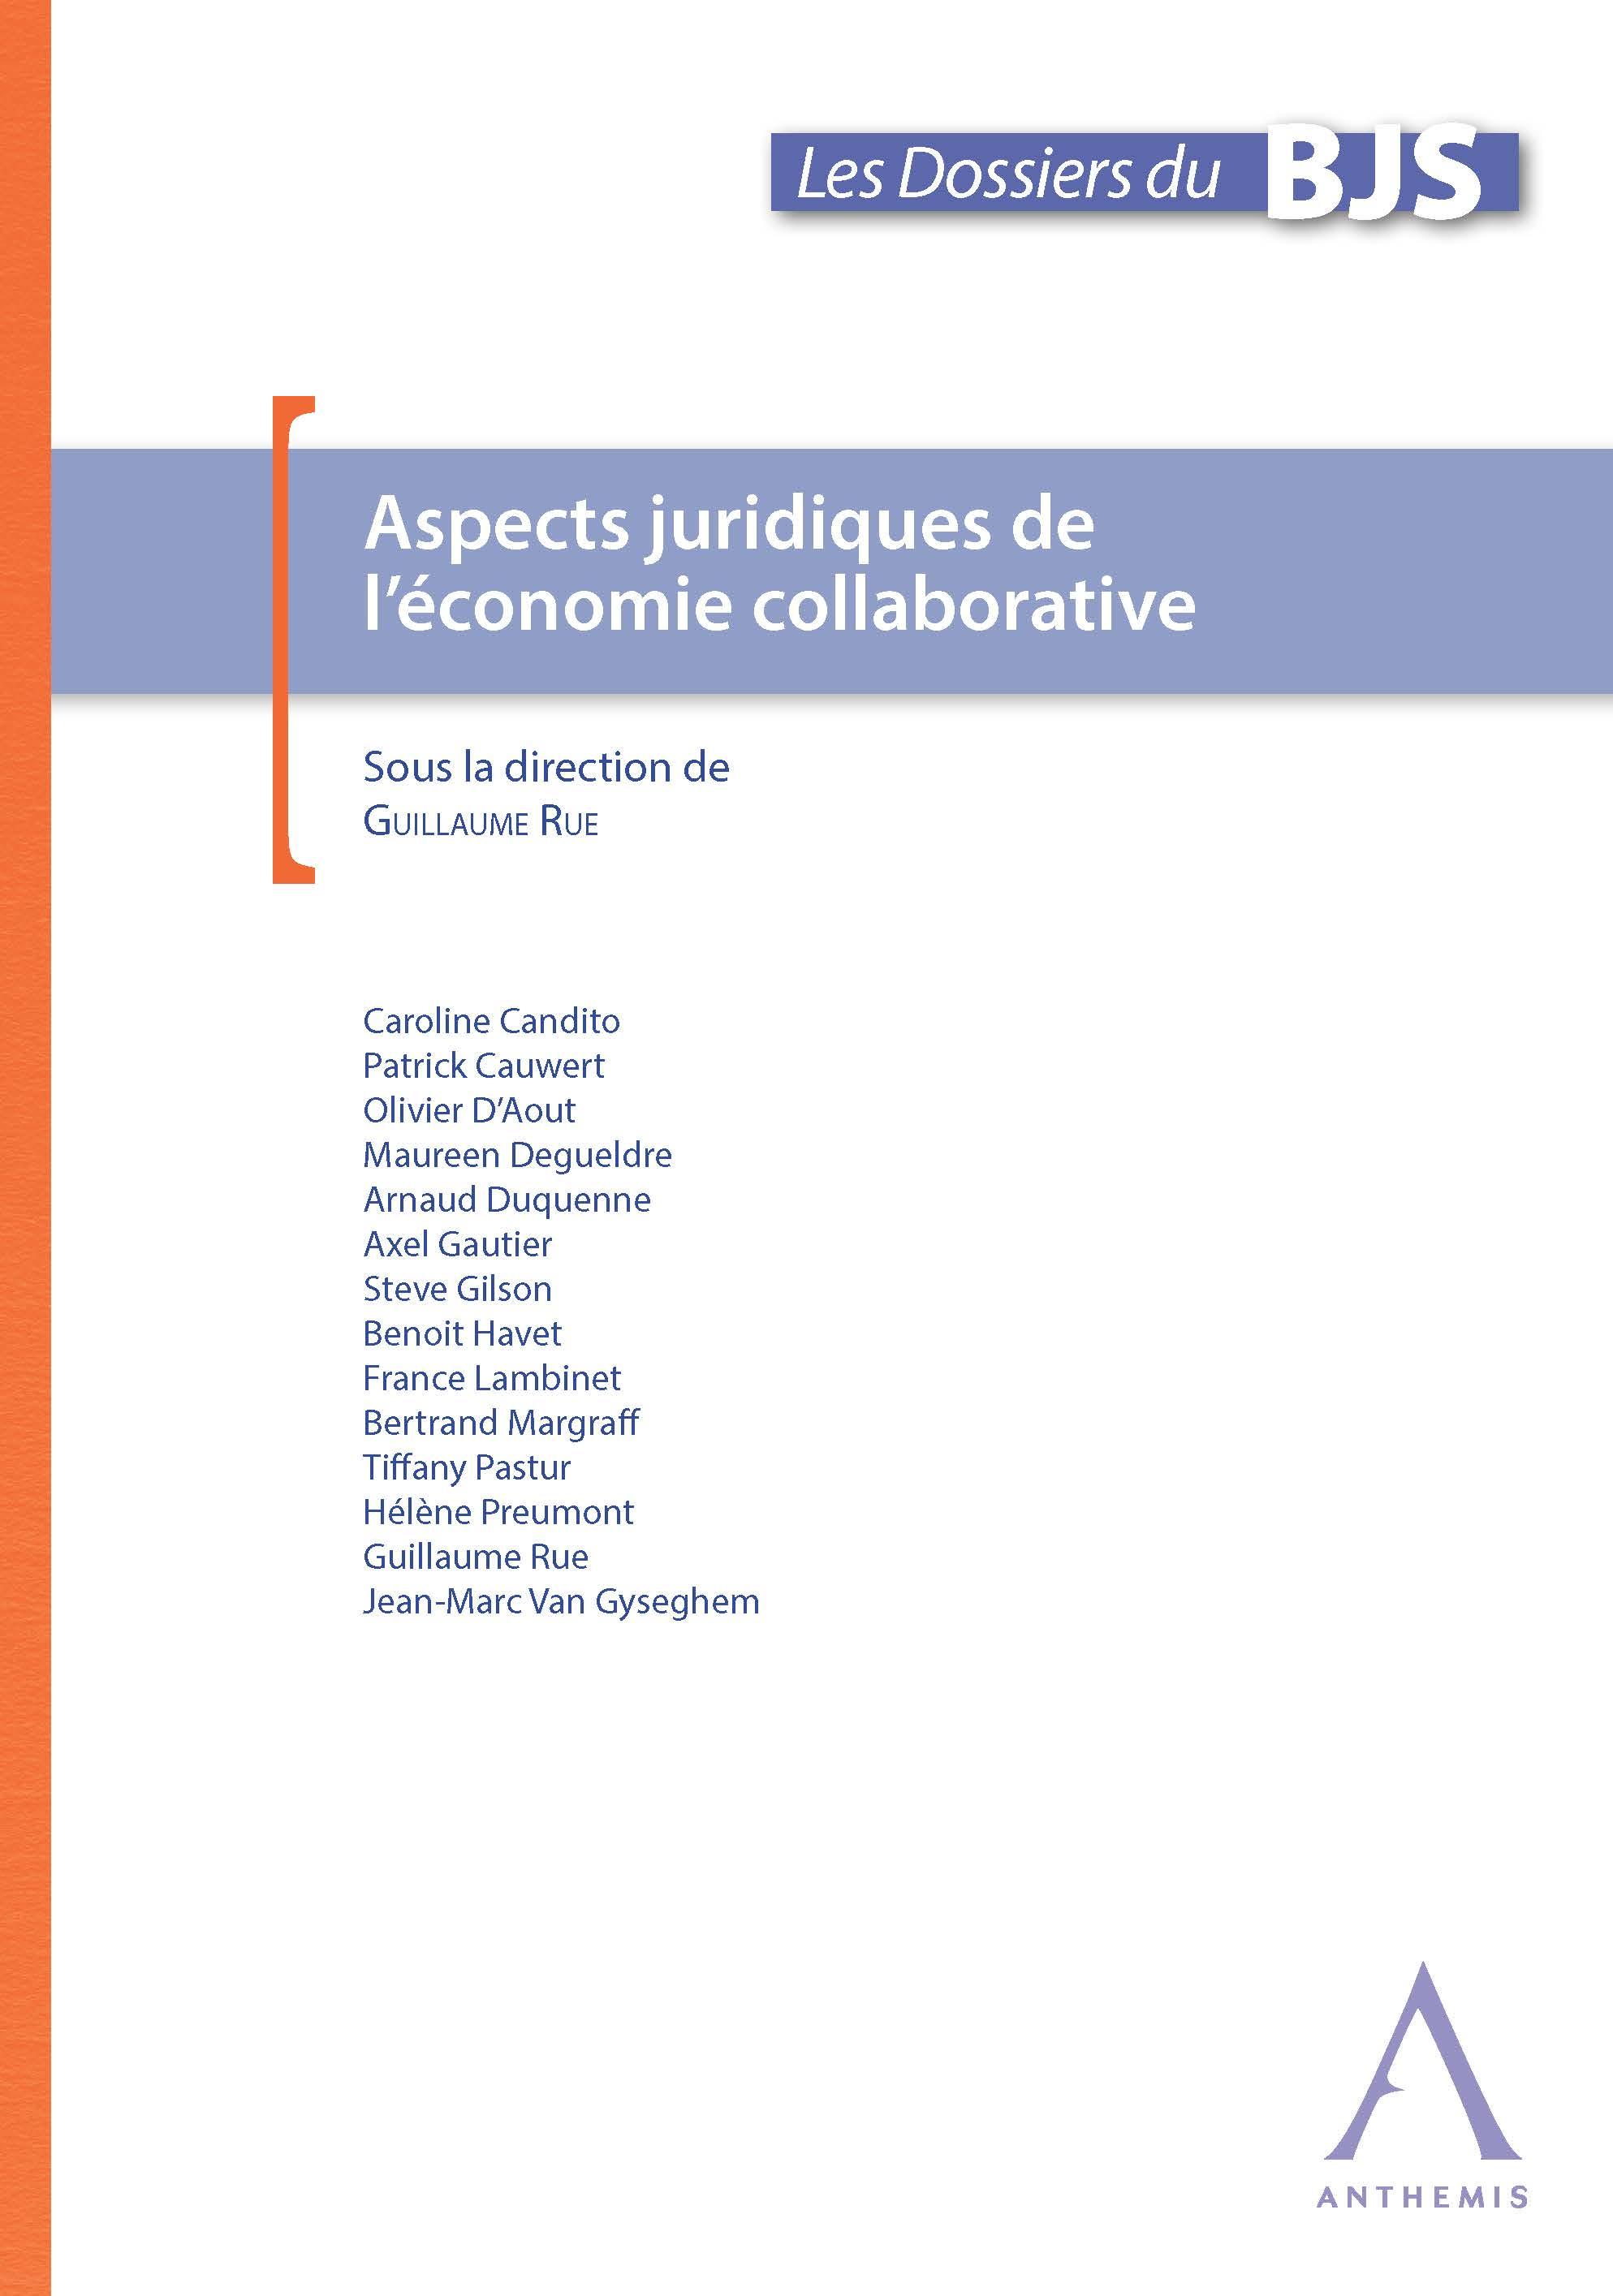 Aspects juridiques de l'économie collaborative, Cadre juridique d'un phénomène sociétal large